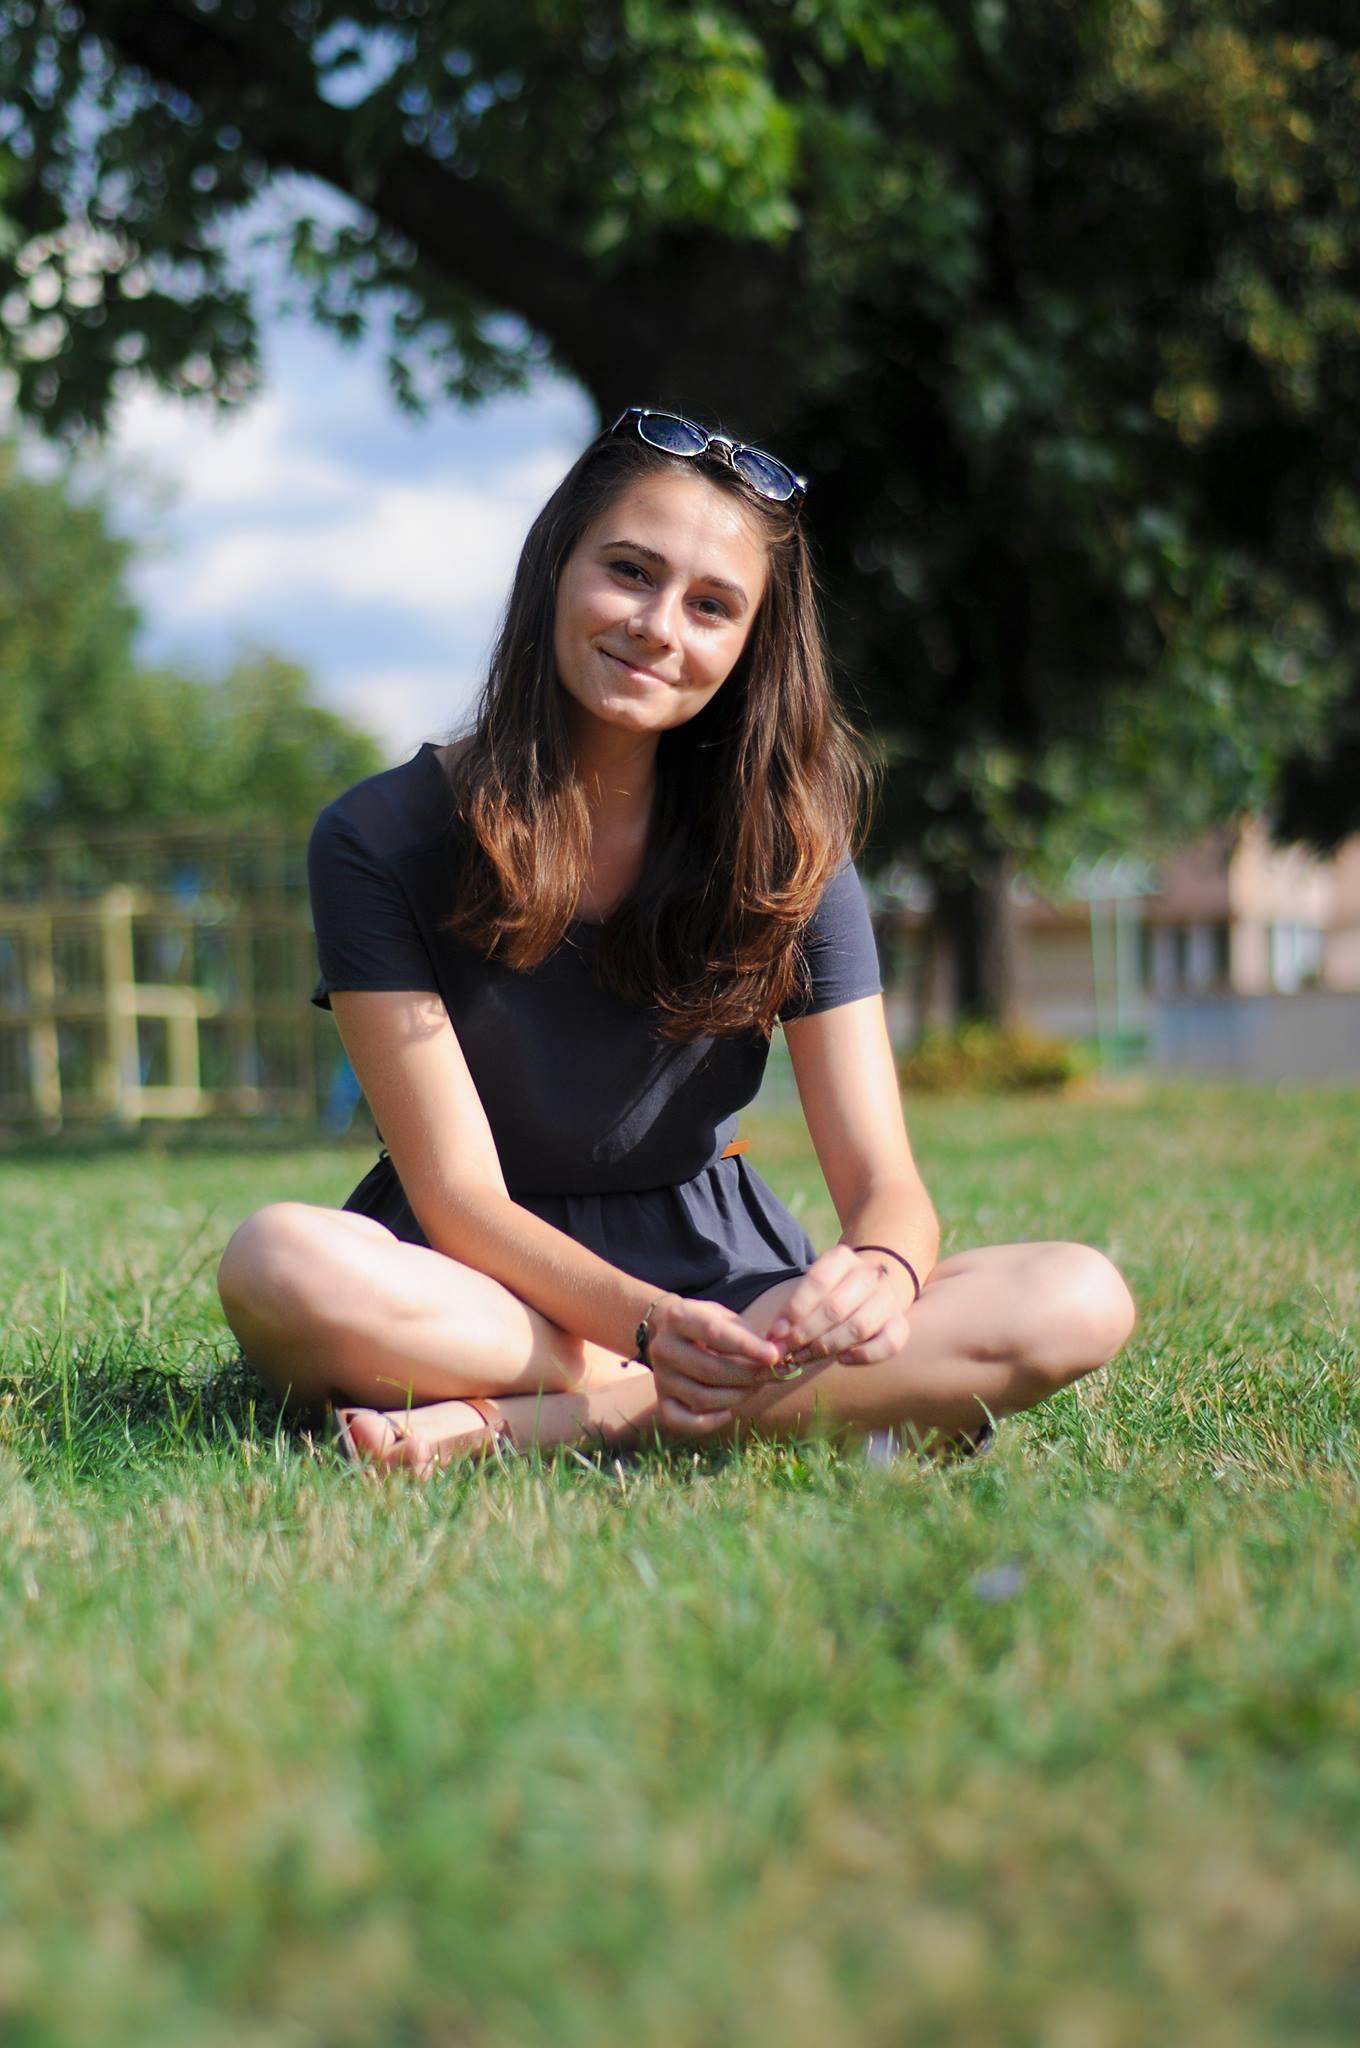 Image of Martina Blagoeva